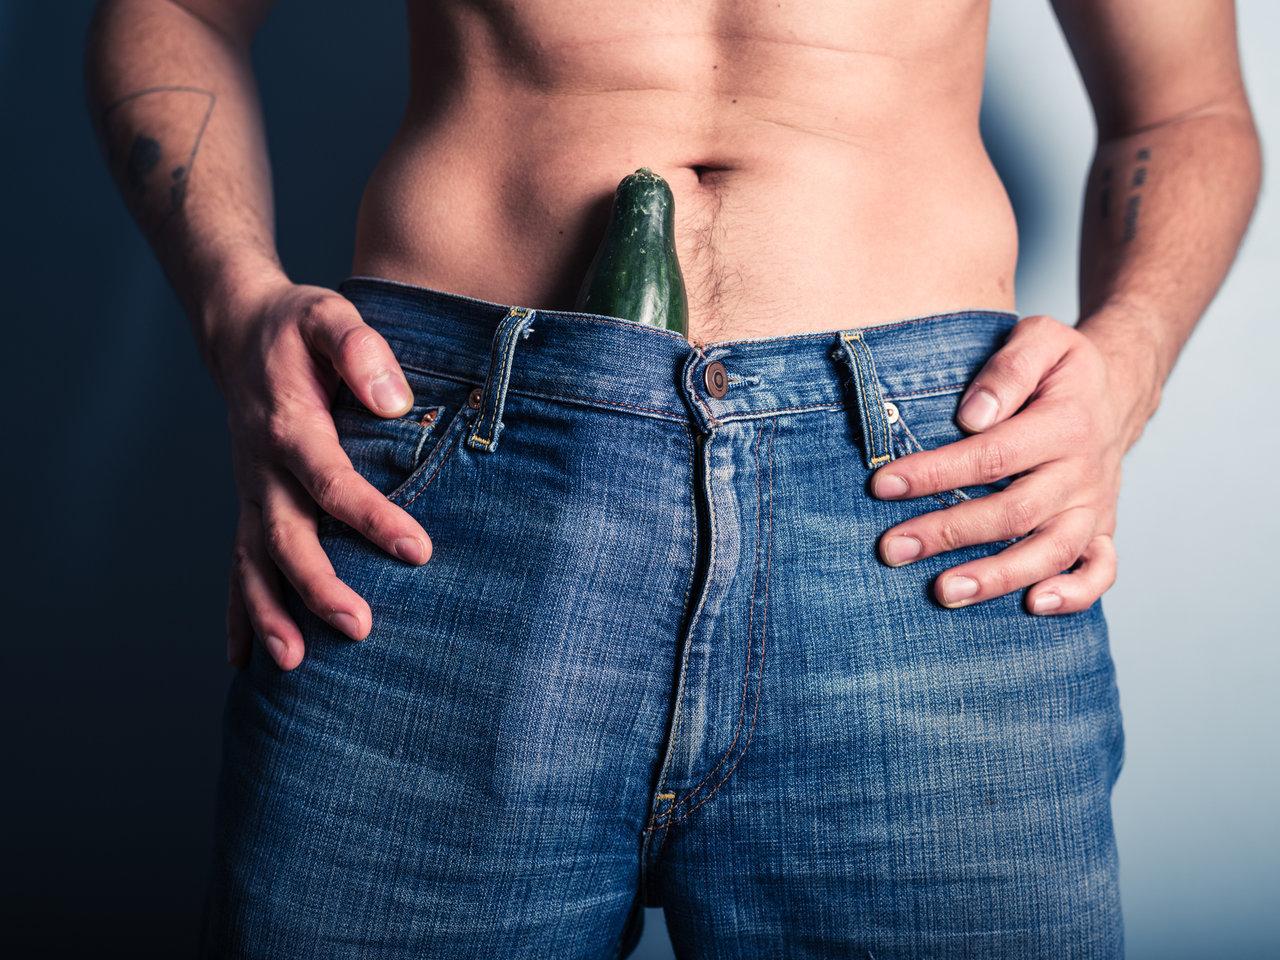 Vychutnaj si túto čajočku v erotickom videu, ktorá dostala riadny mega big penis, najprv do svojej pusy a potom medzi nohy.